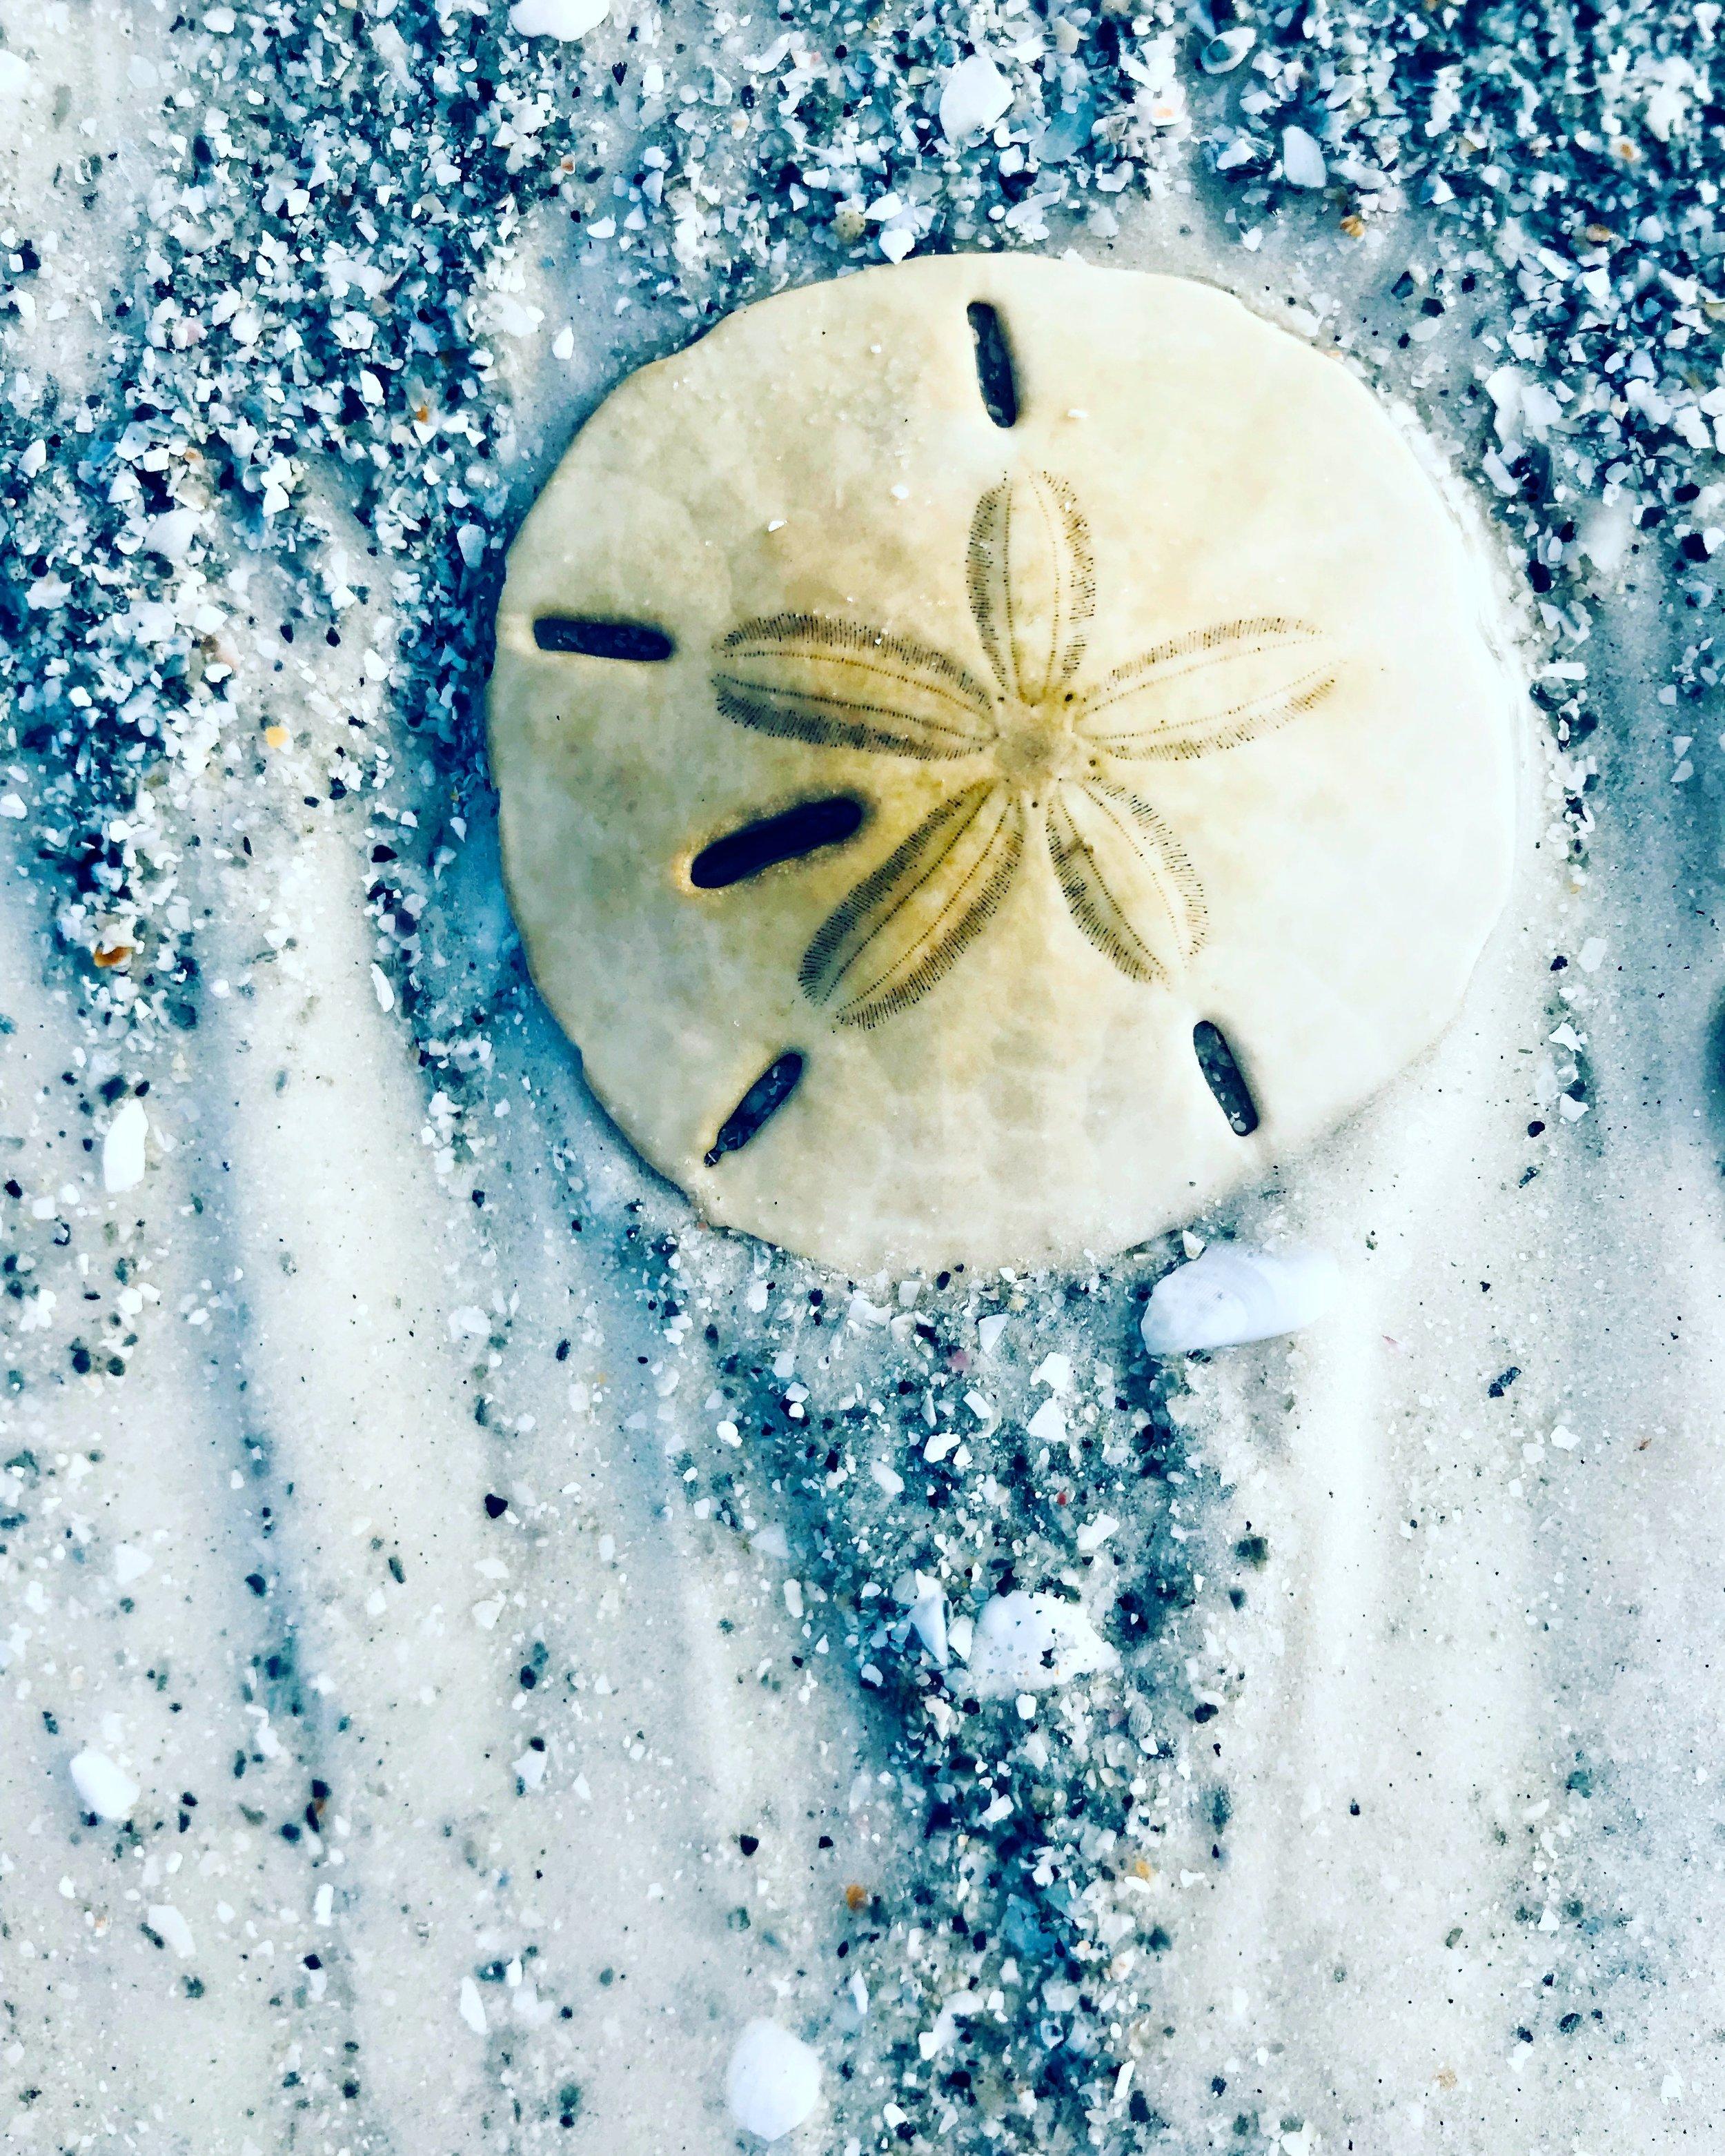 sand dollar sand.JPG